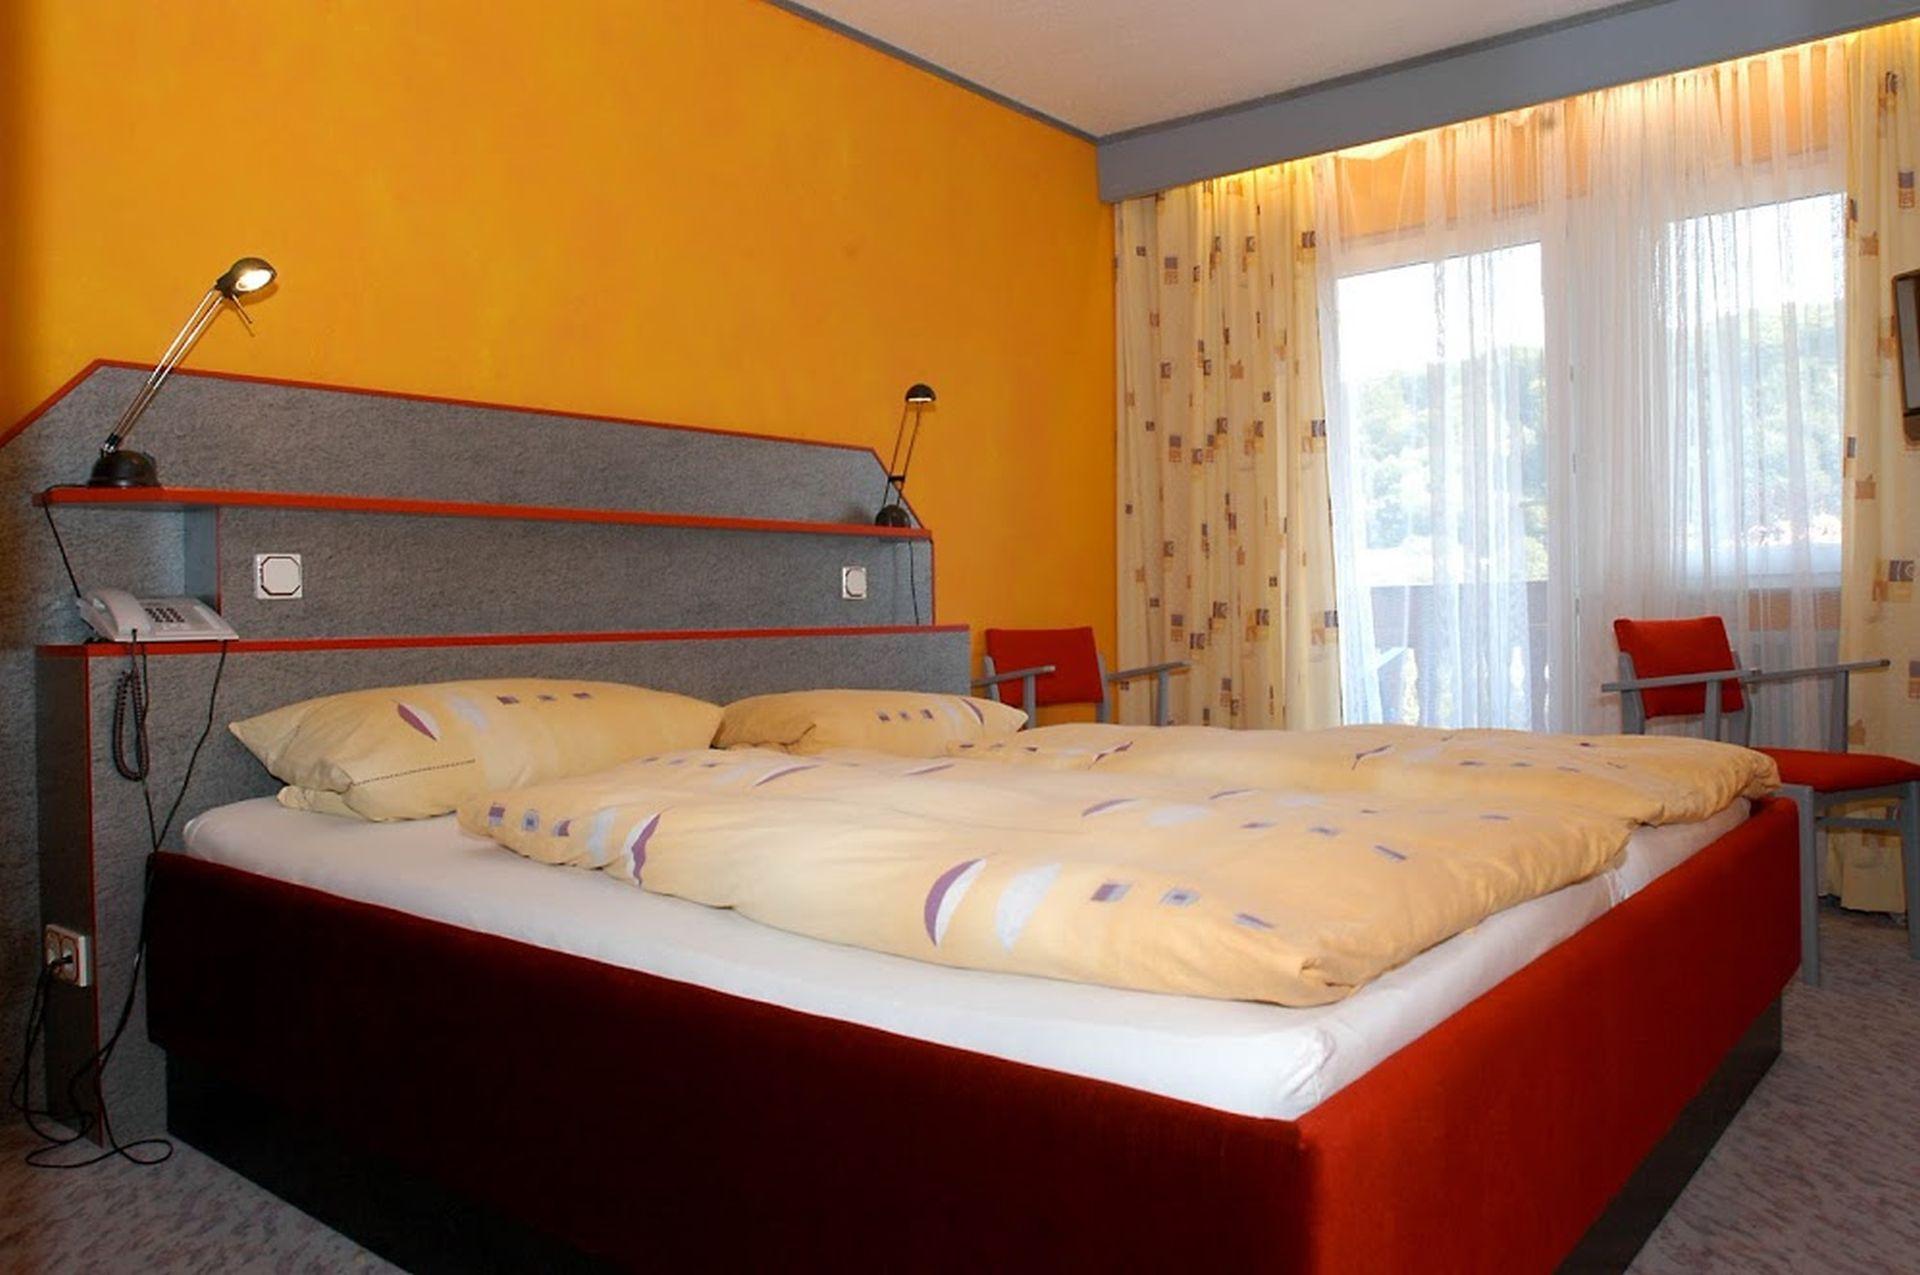 Sch Doppelzimmer 0805